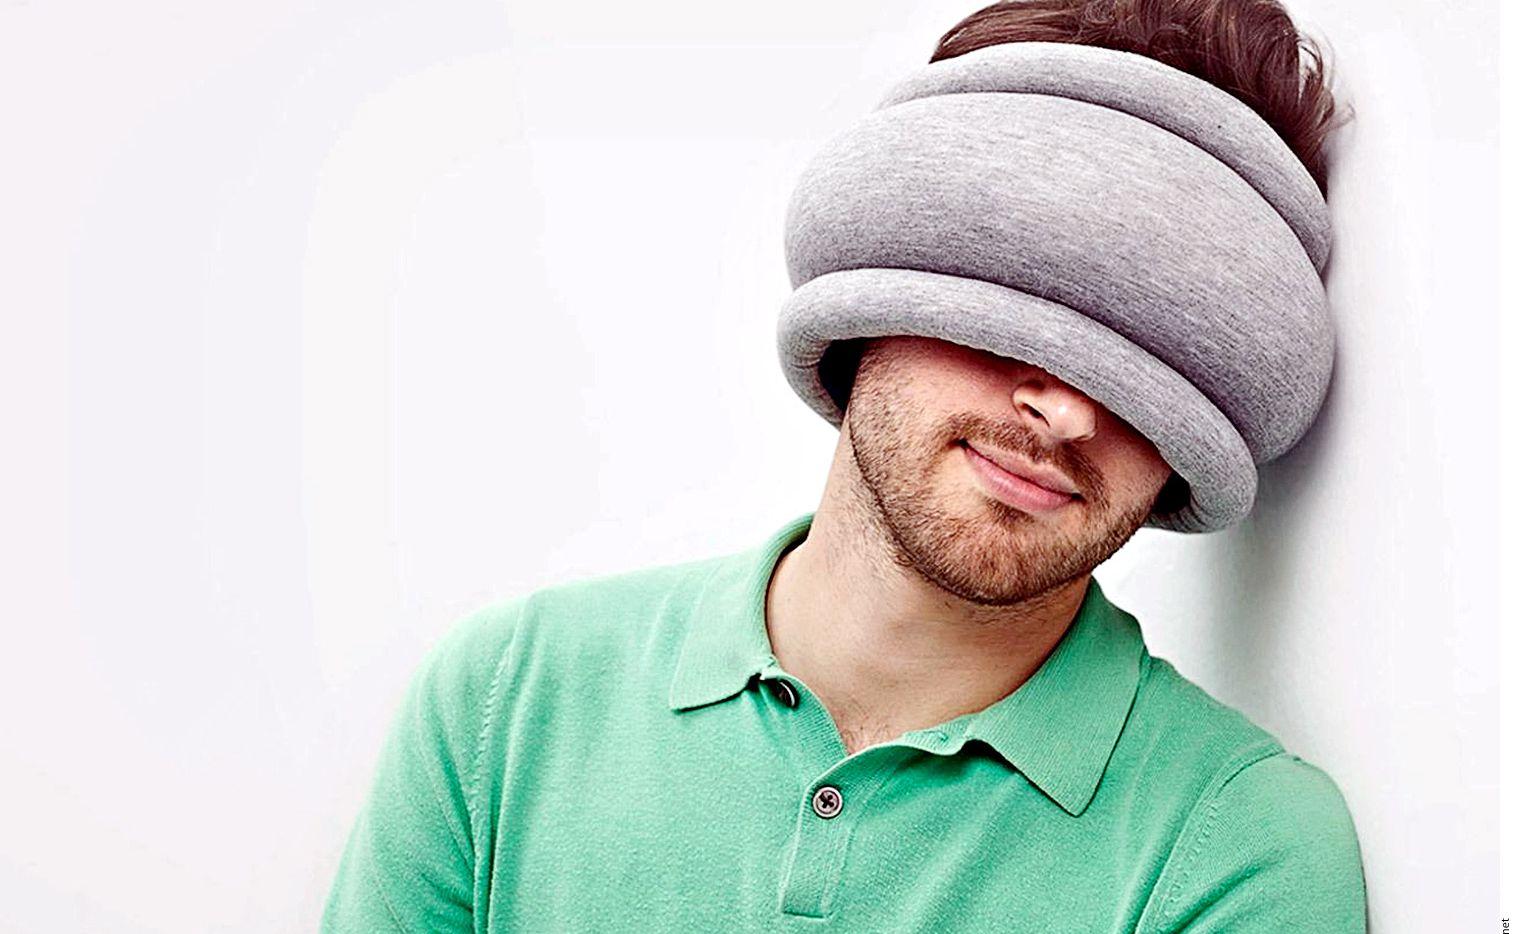 Esta almohada ligera es justo lo que necesitas para regalarte un momento de descanso durante las escalas o en el vuelo. Por su diseño Ostrich Pillow, que se ajusta alrededor del cuello o la cabeza, sirve como un soporte o incluso para cubrir los ojos de la luz. AGENCIA REFORMA